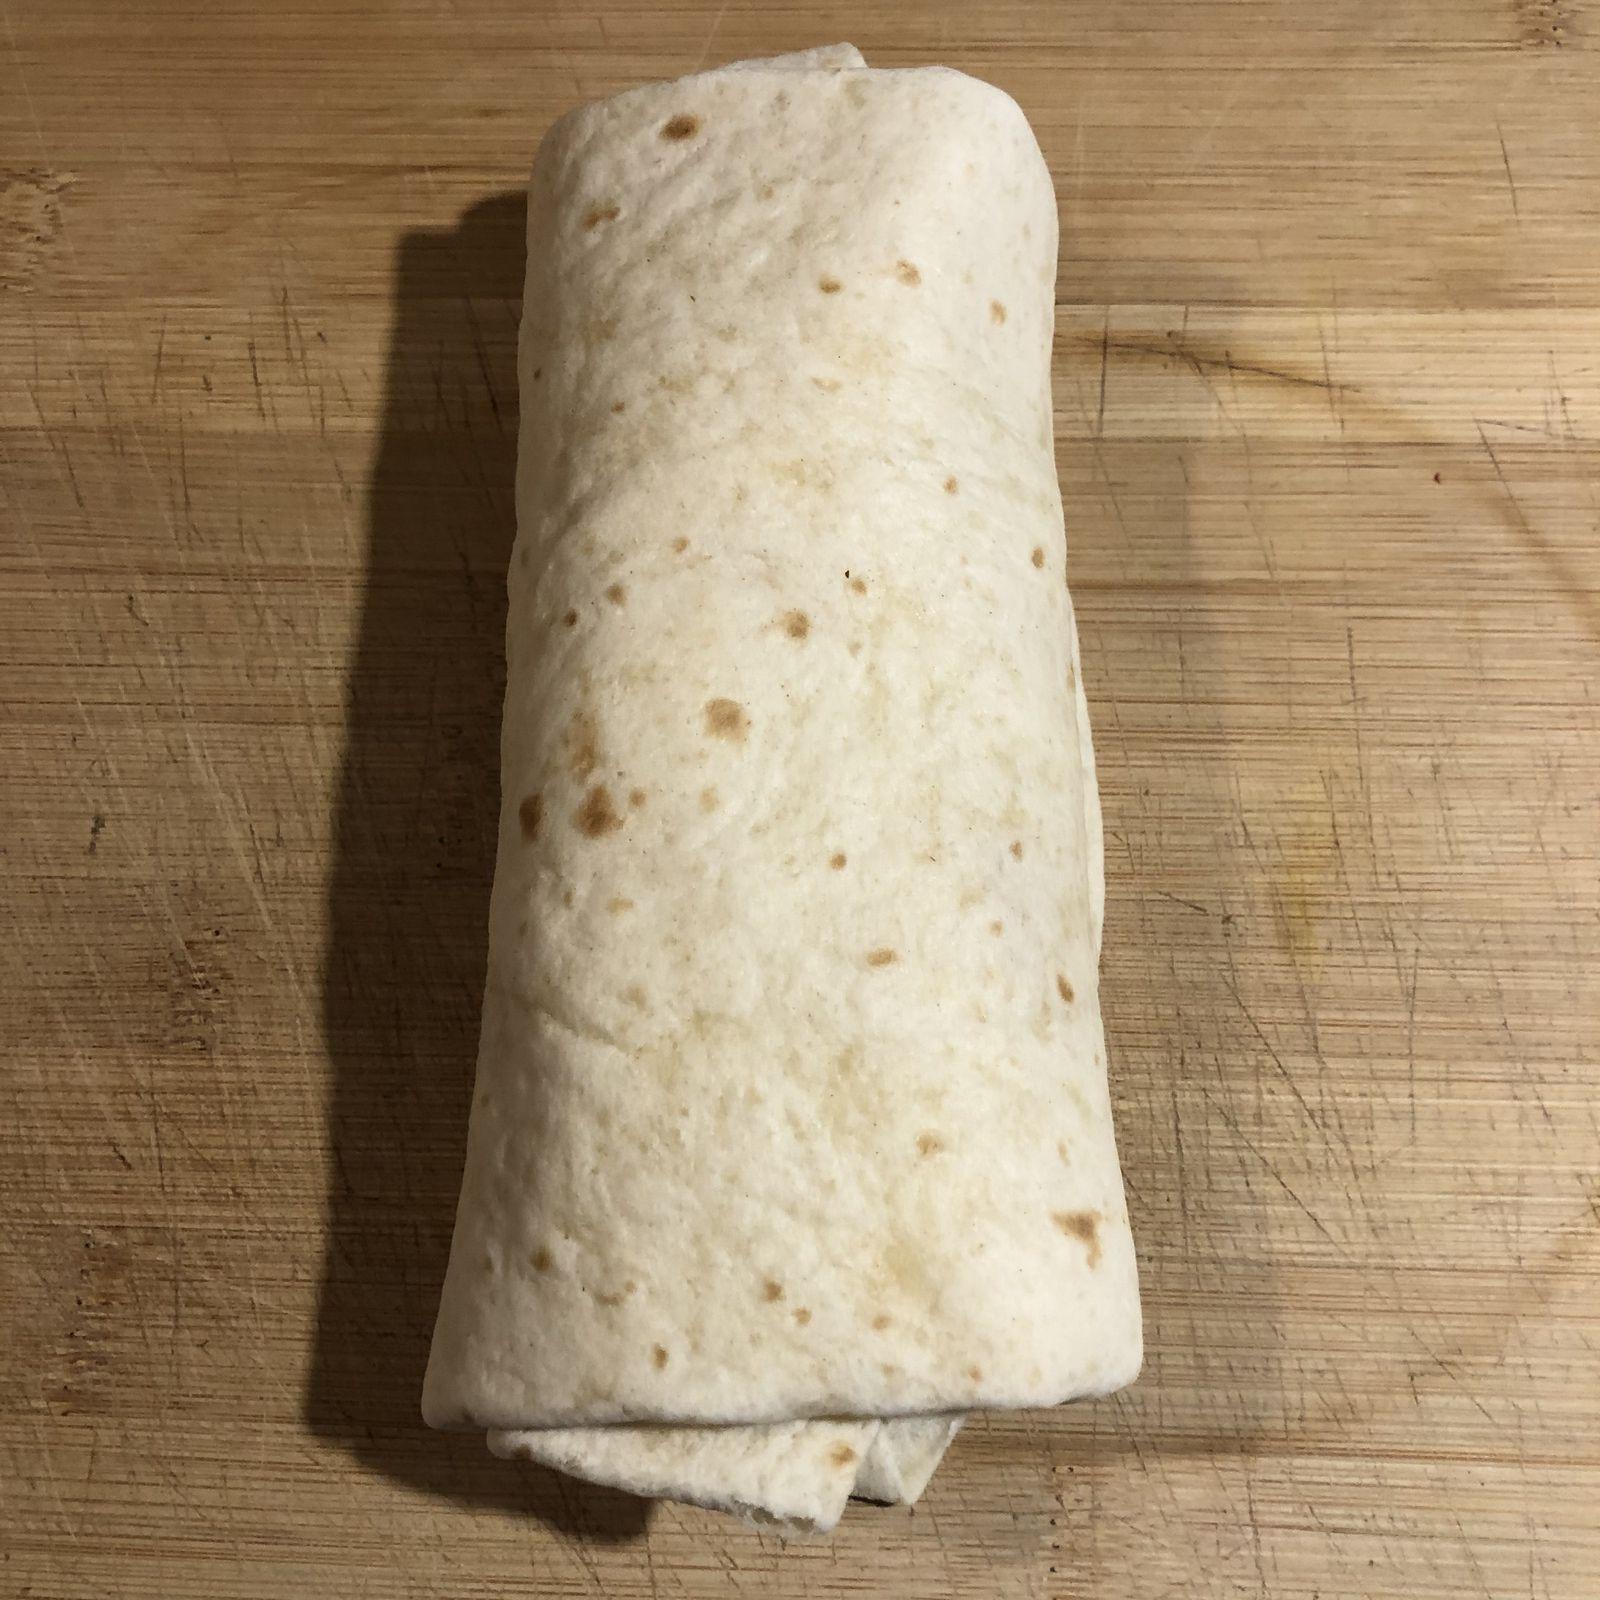 Wrap façon tacos jambon etc ...